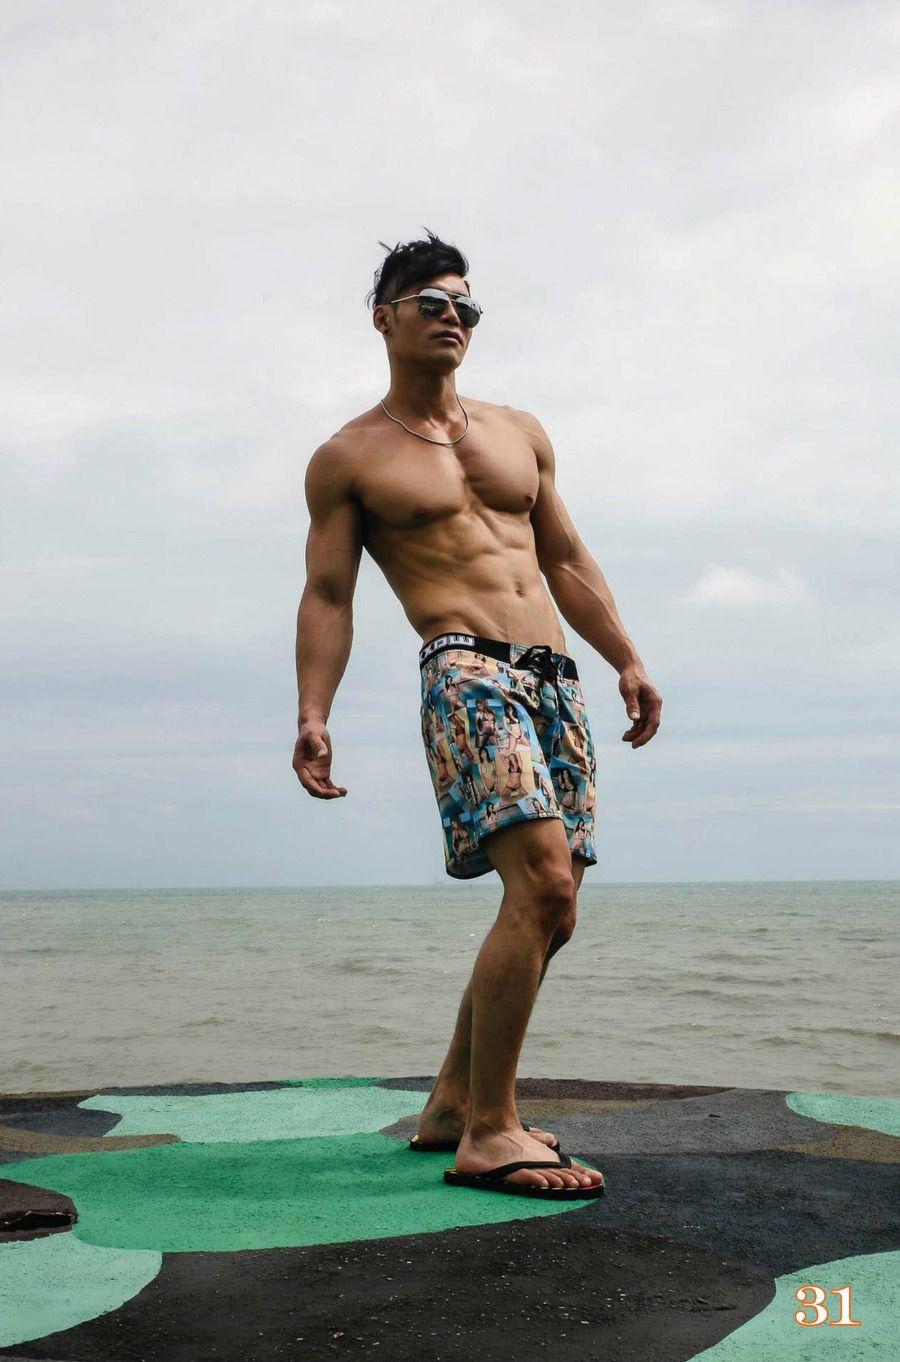 【写真】肌肉版皮卡丘